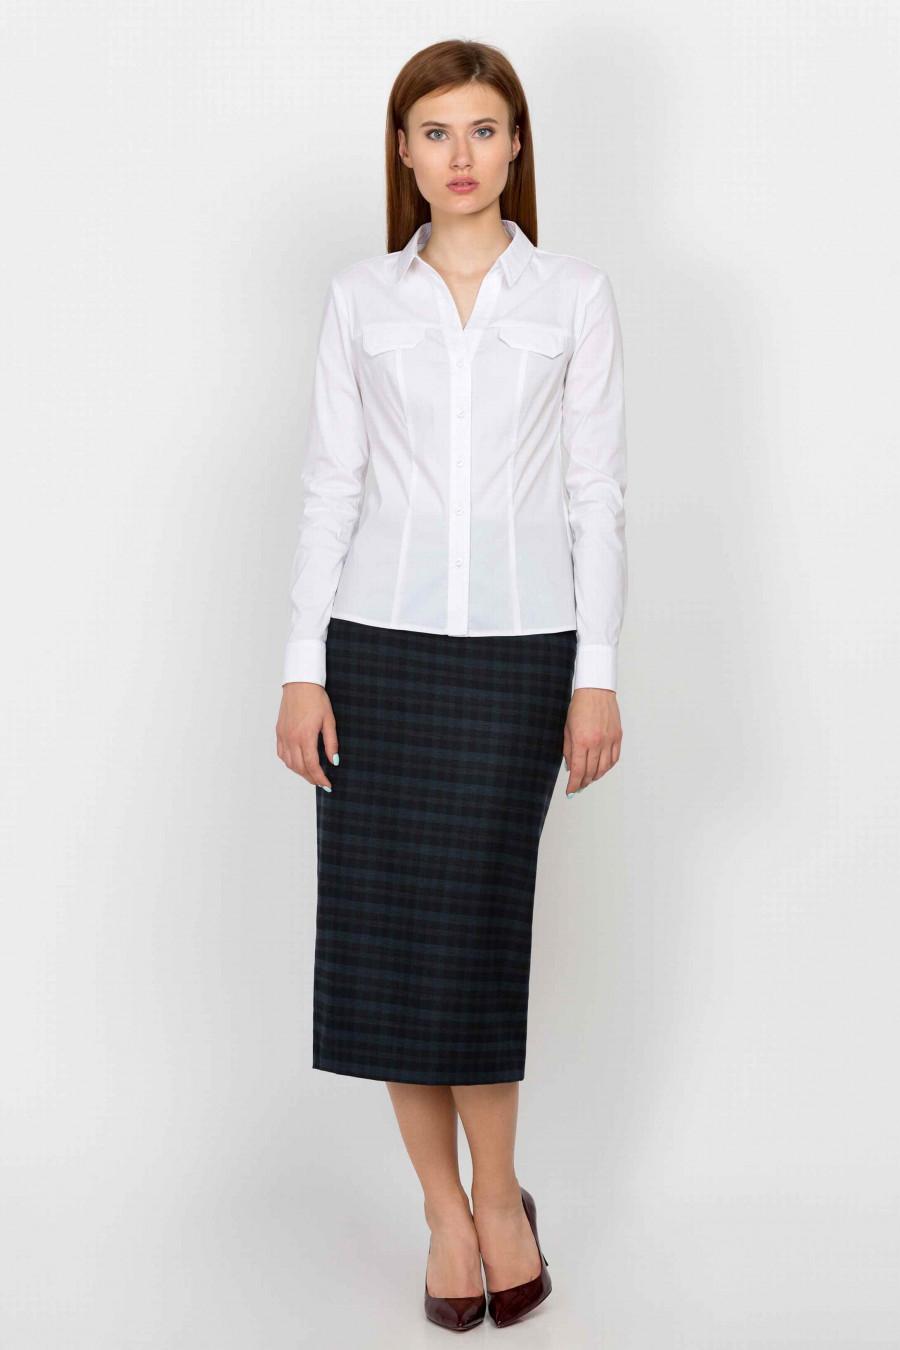 Офисные Блузки Купить